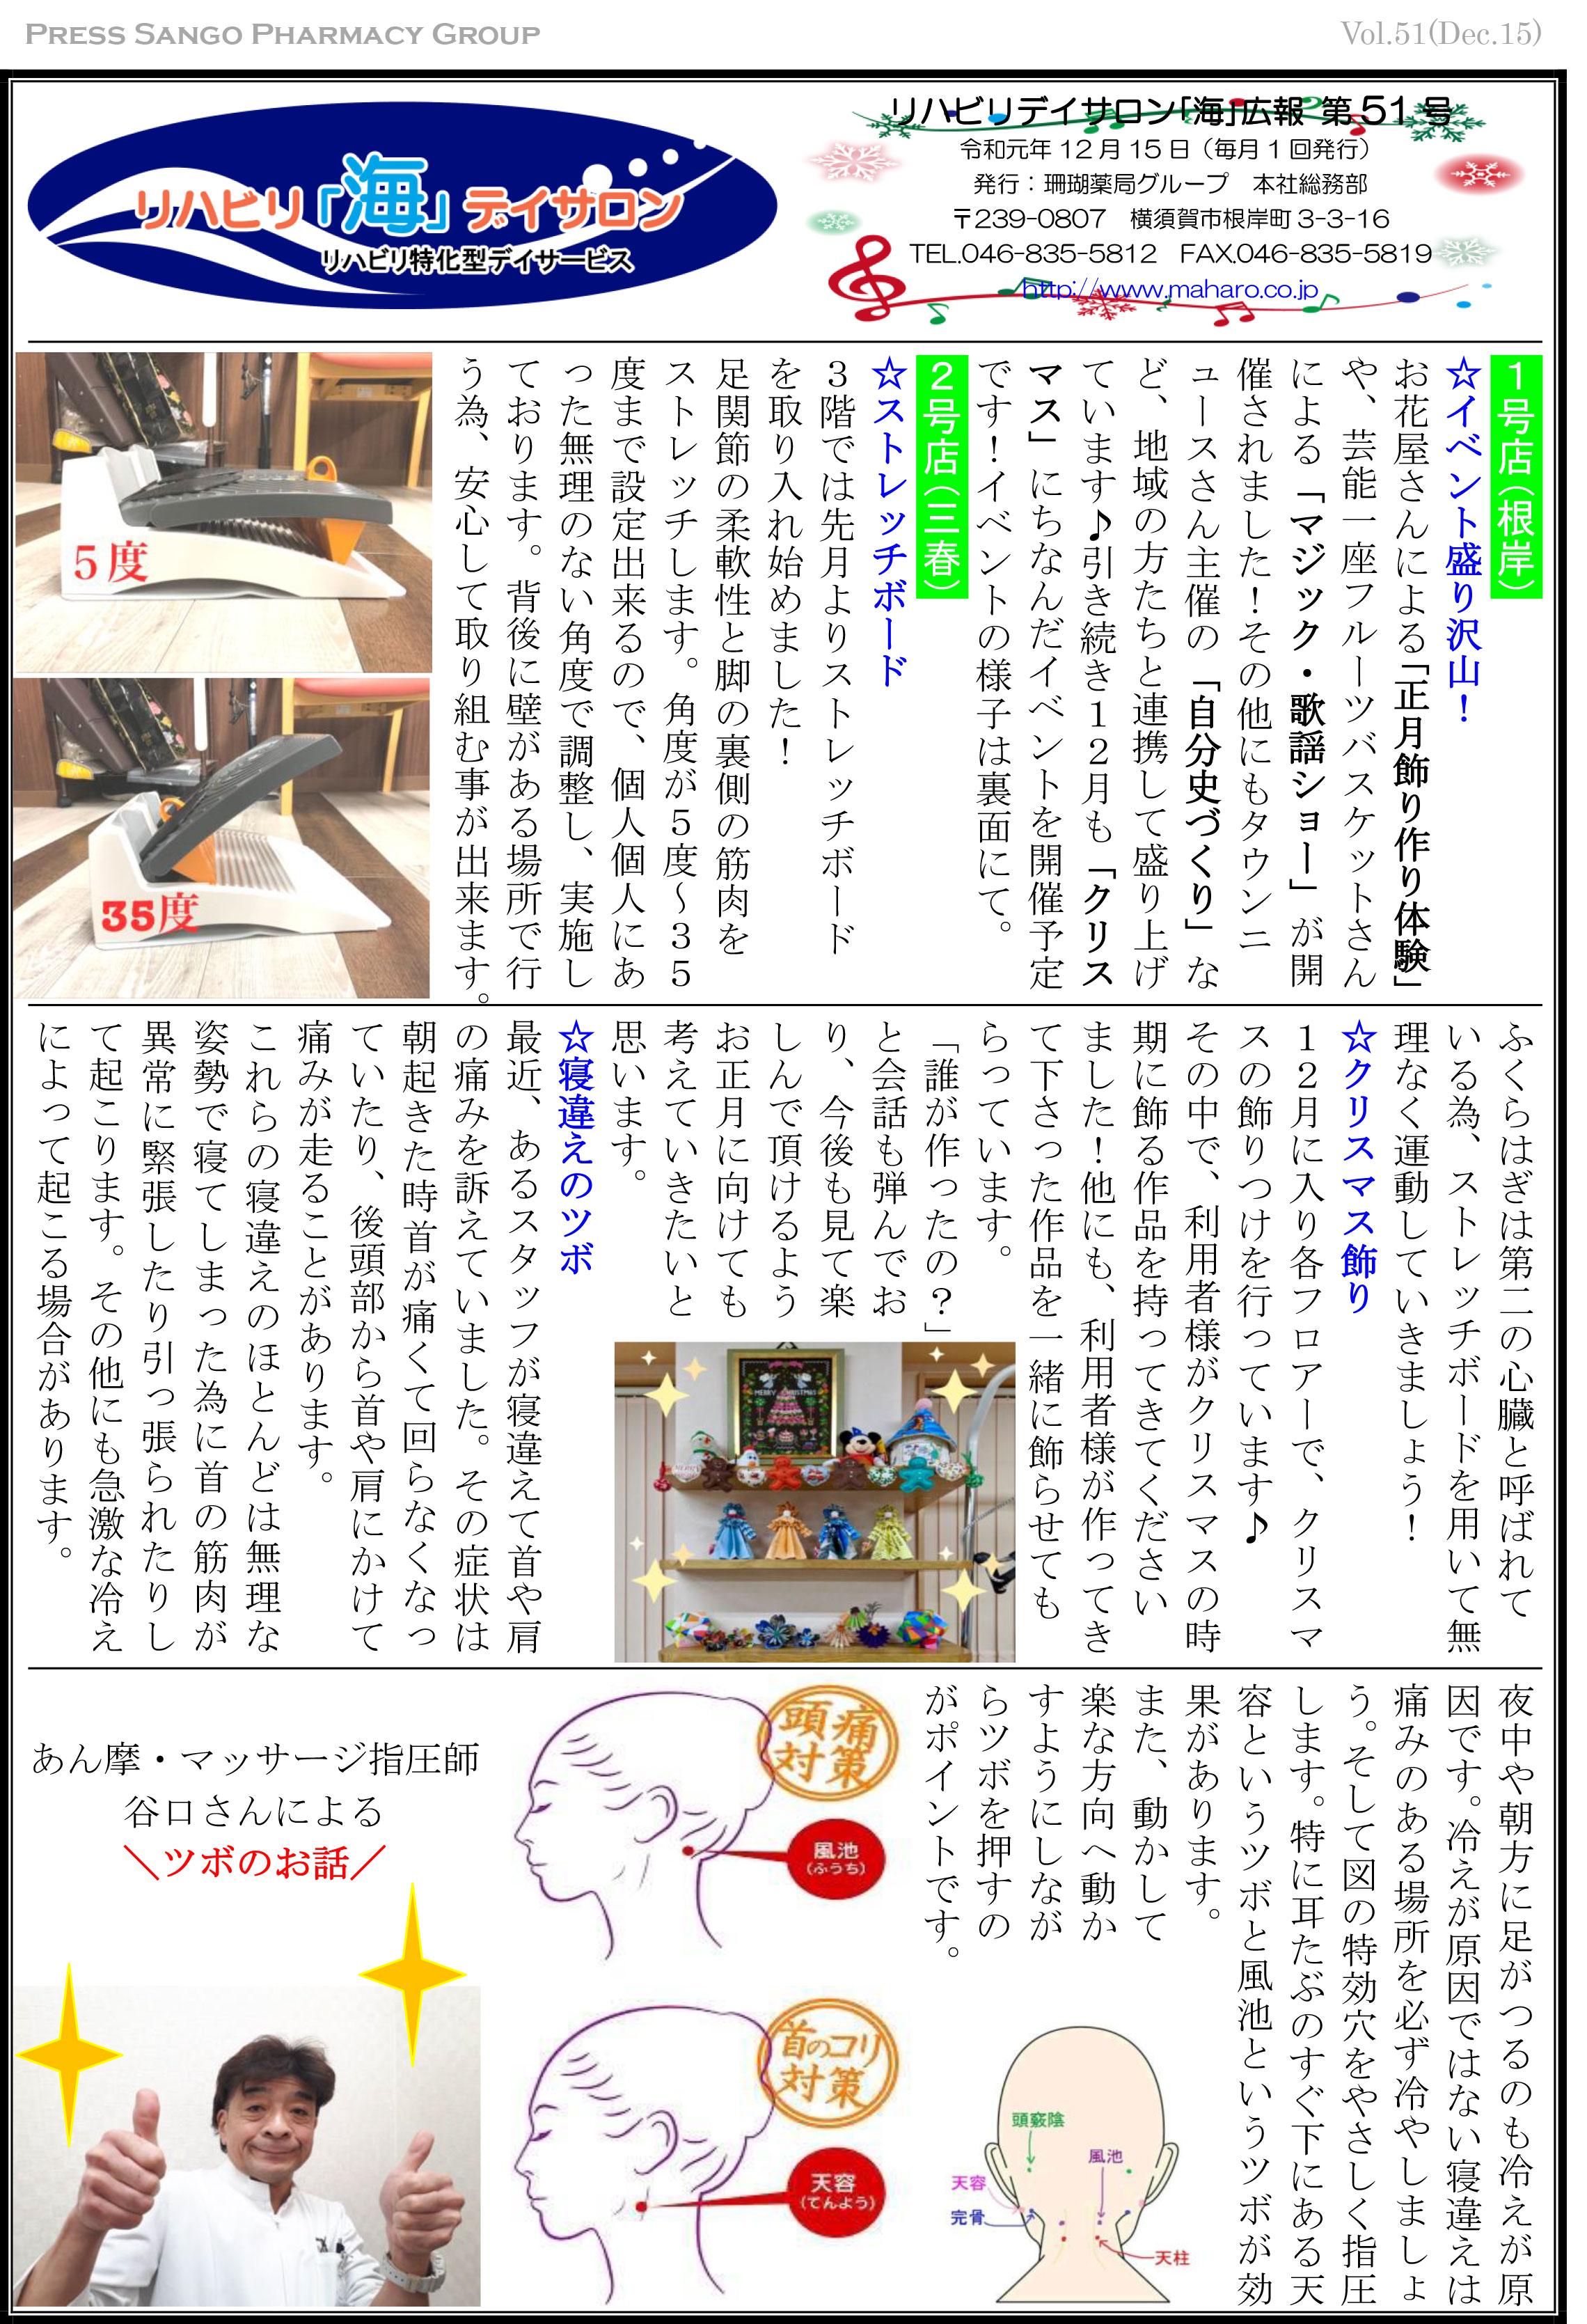 リハビリデイサロン「海」広報誌 第51号